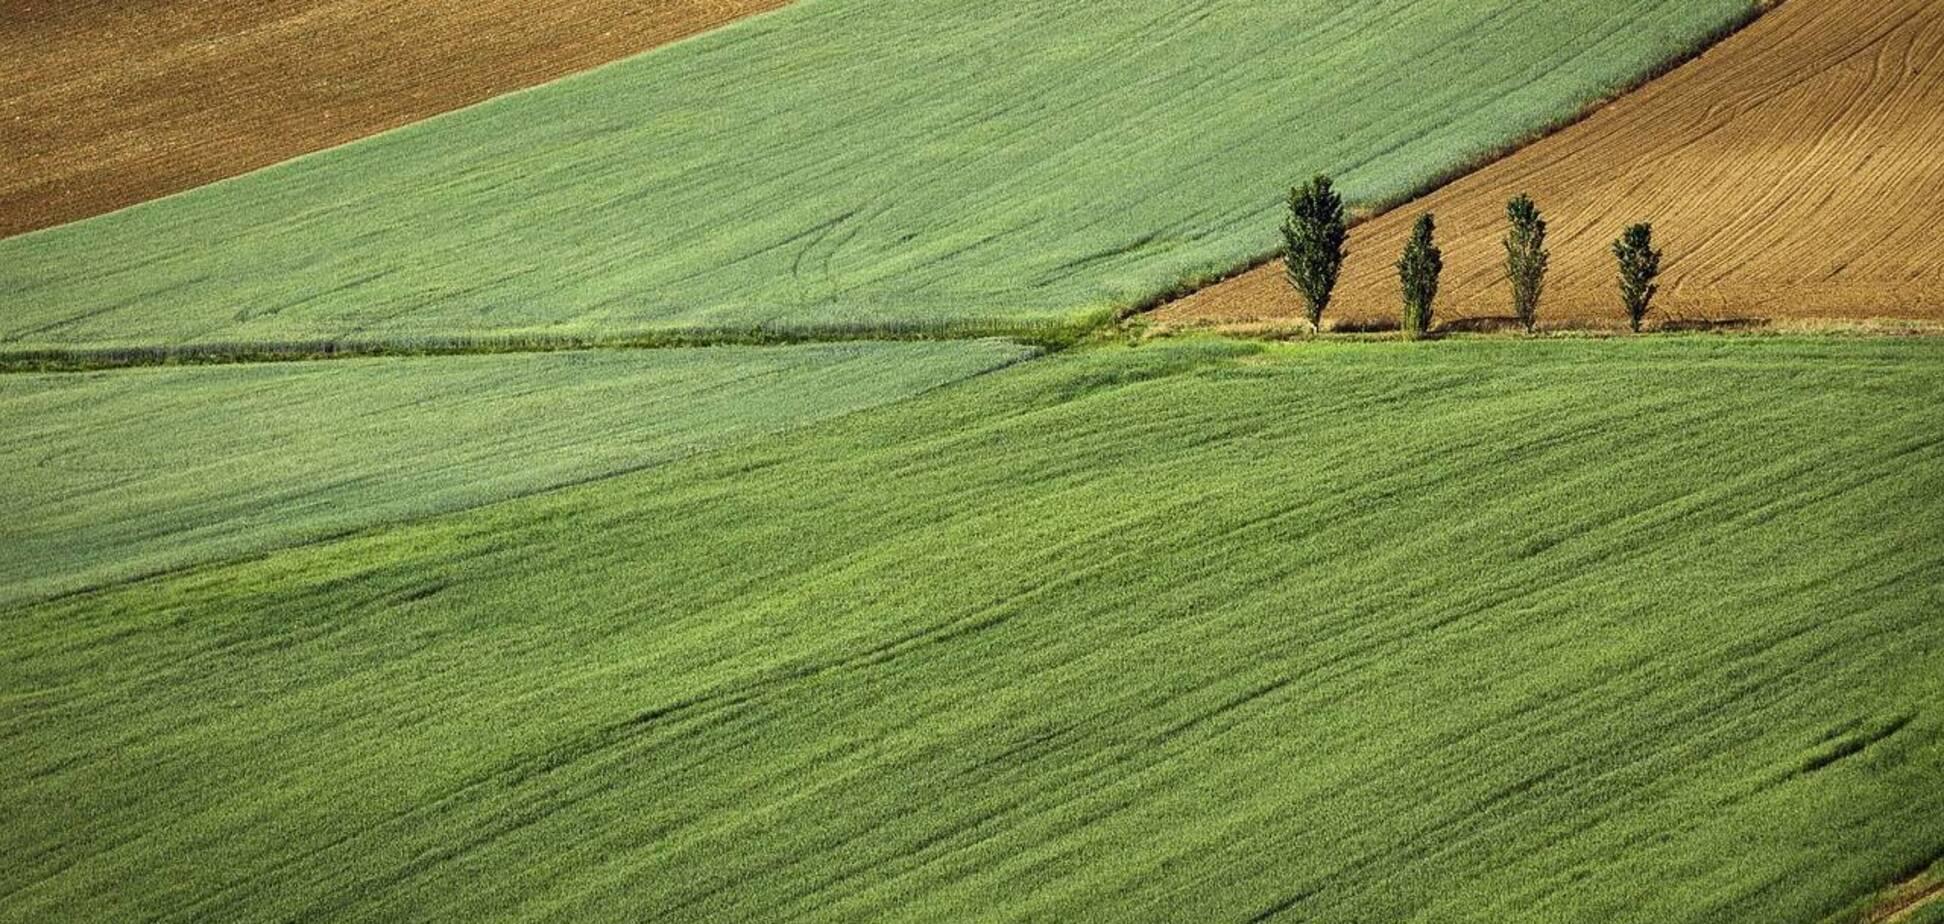 Глава Госгеокадастра рассказал, что будет с теми, кто незаконно приватизировал землю